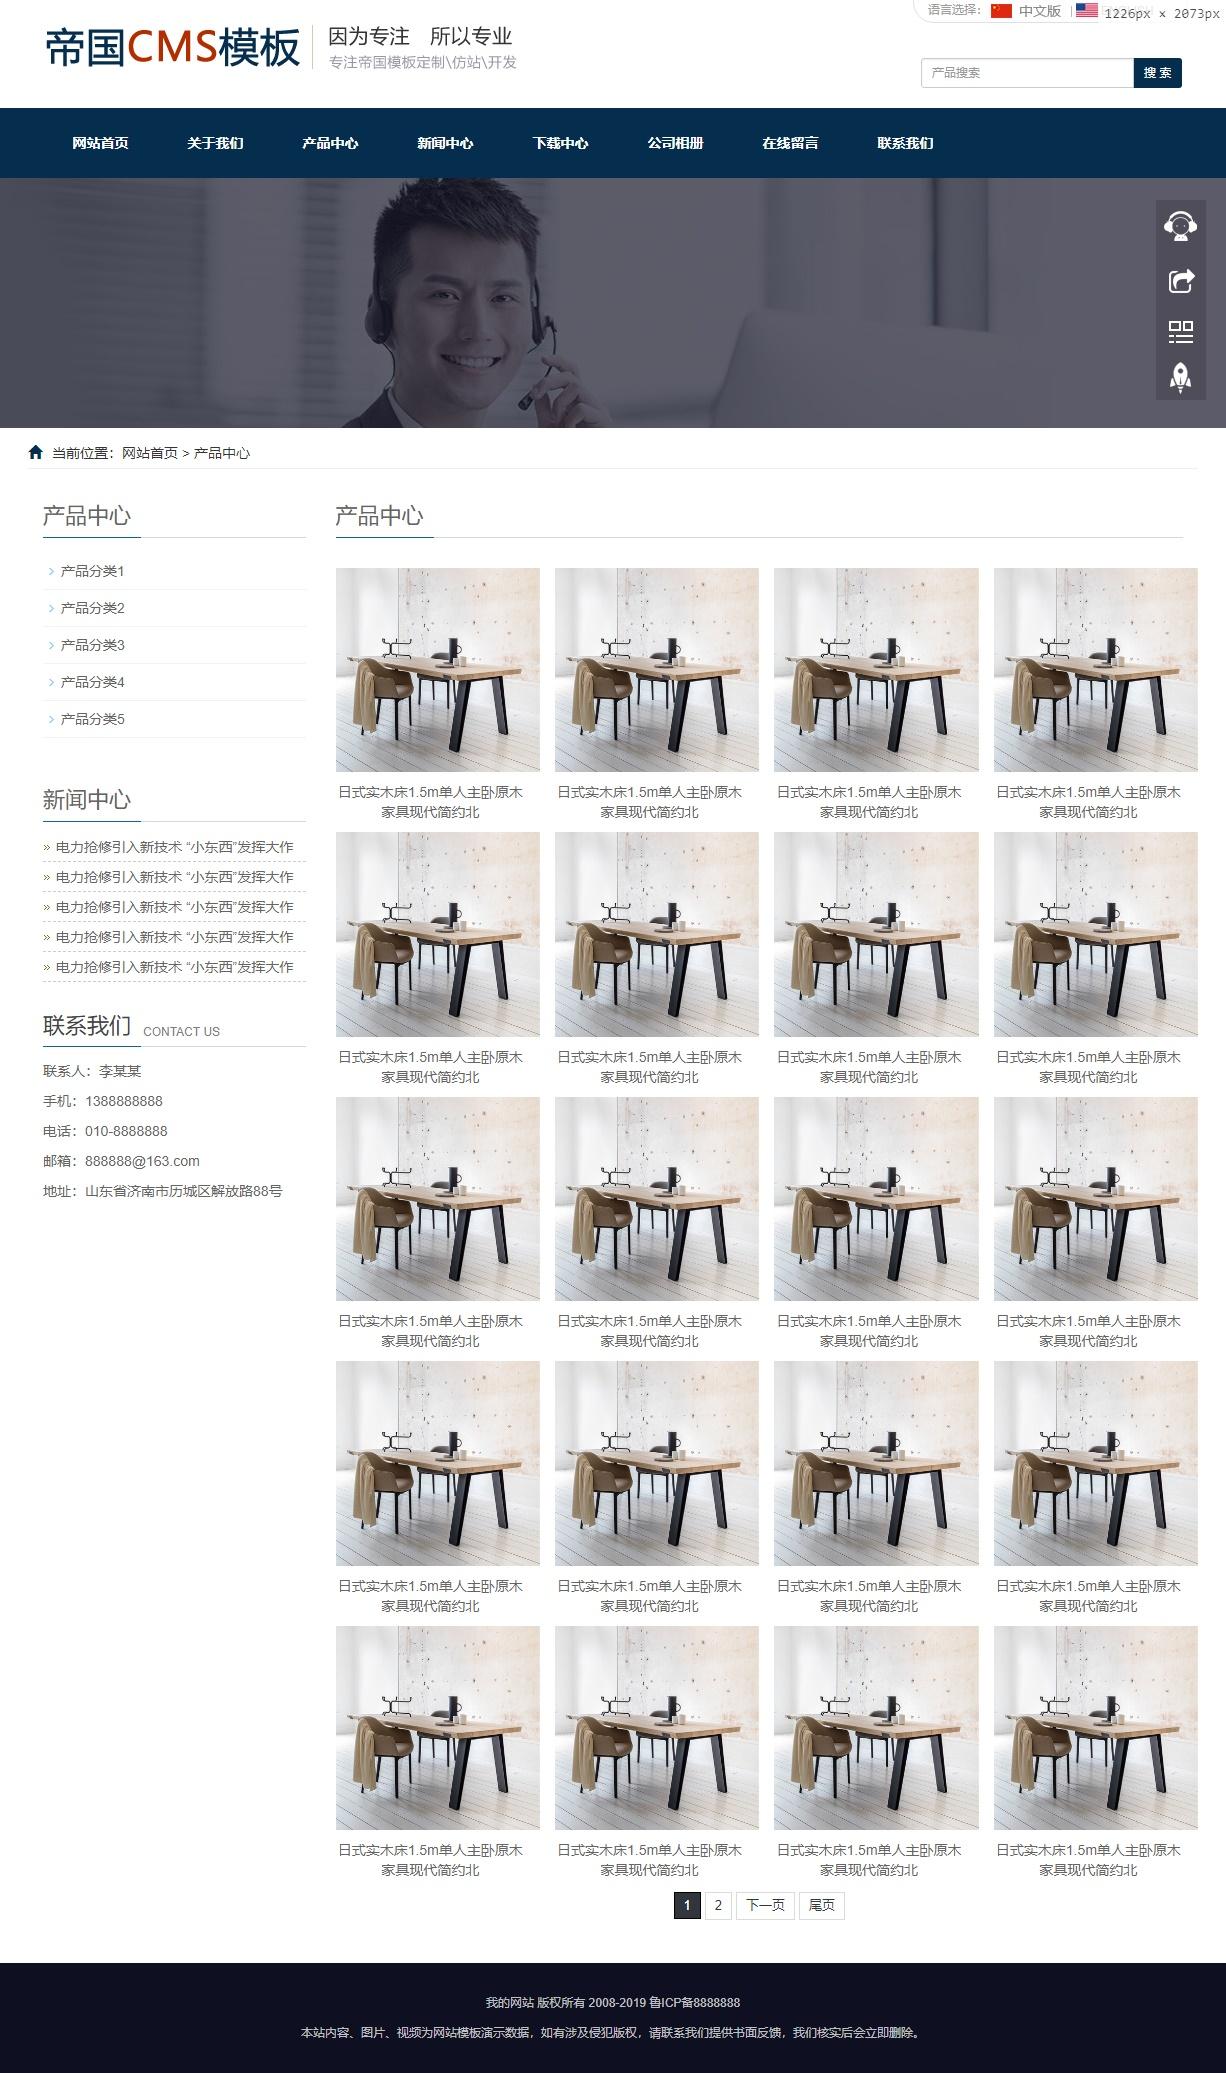 响应式自适应手机帝国cms中英文外贸企业网站模板_产品中列表页